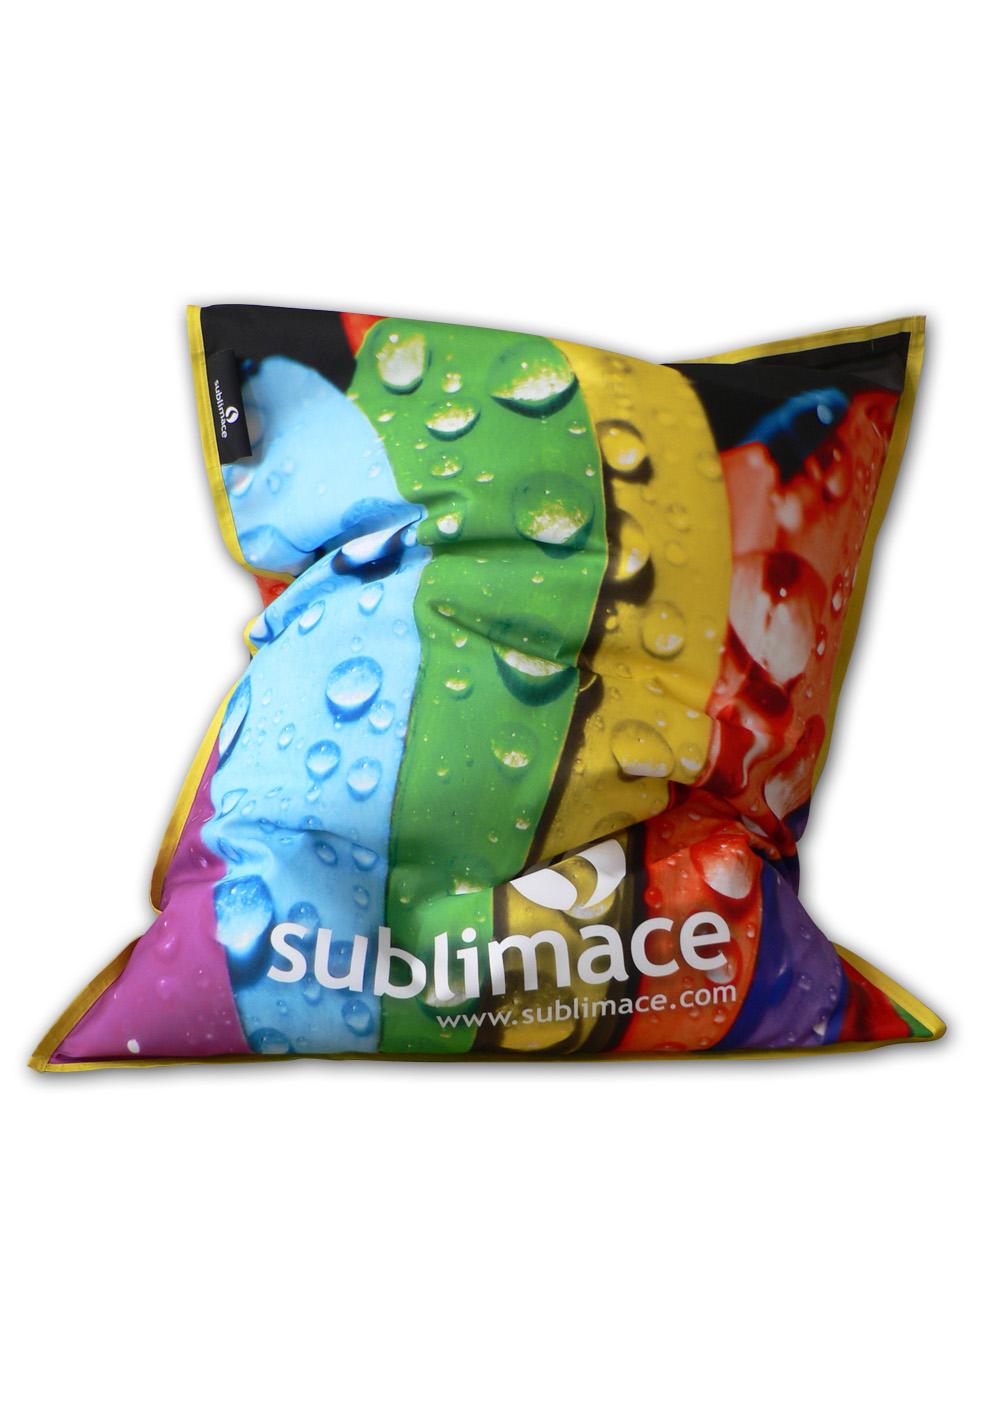 Potisk sublimační technologií-bytové, módní doplňky, reklamní, dárkové předměty, sedací vaky, eko tašky, obrazy